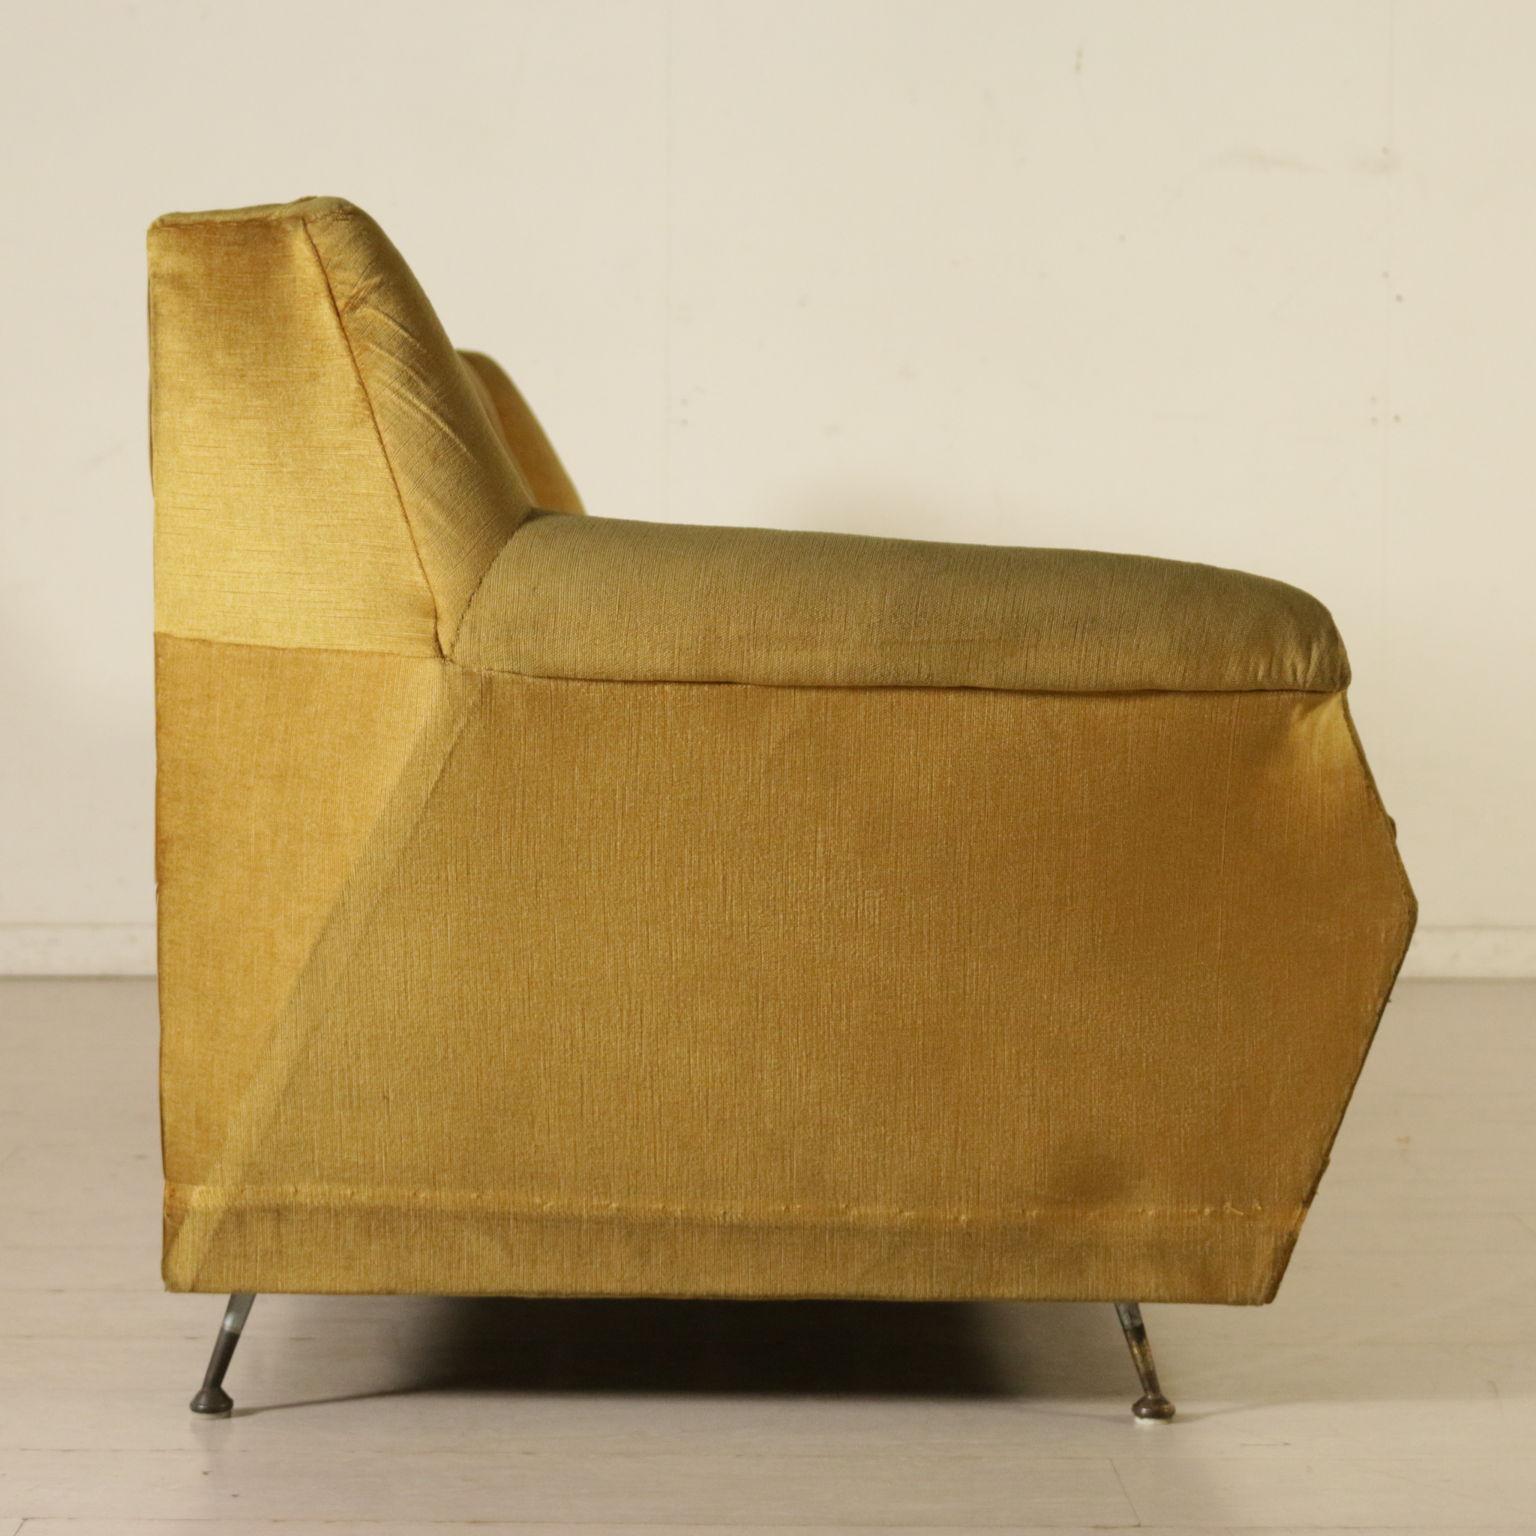 Sofa foam padding velvet upholstery vintage italy 1960s